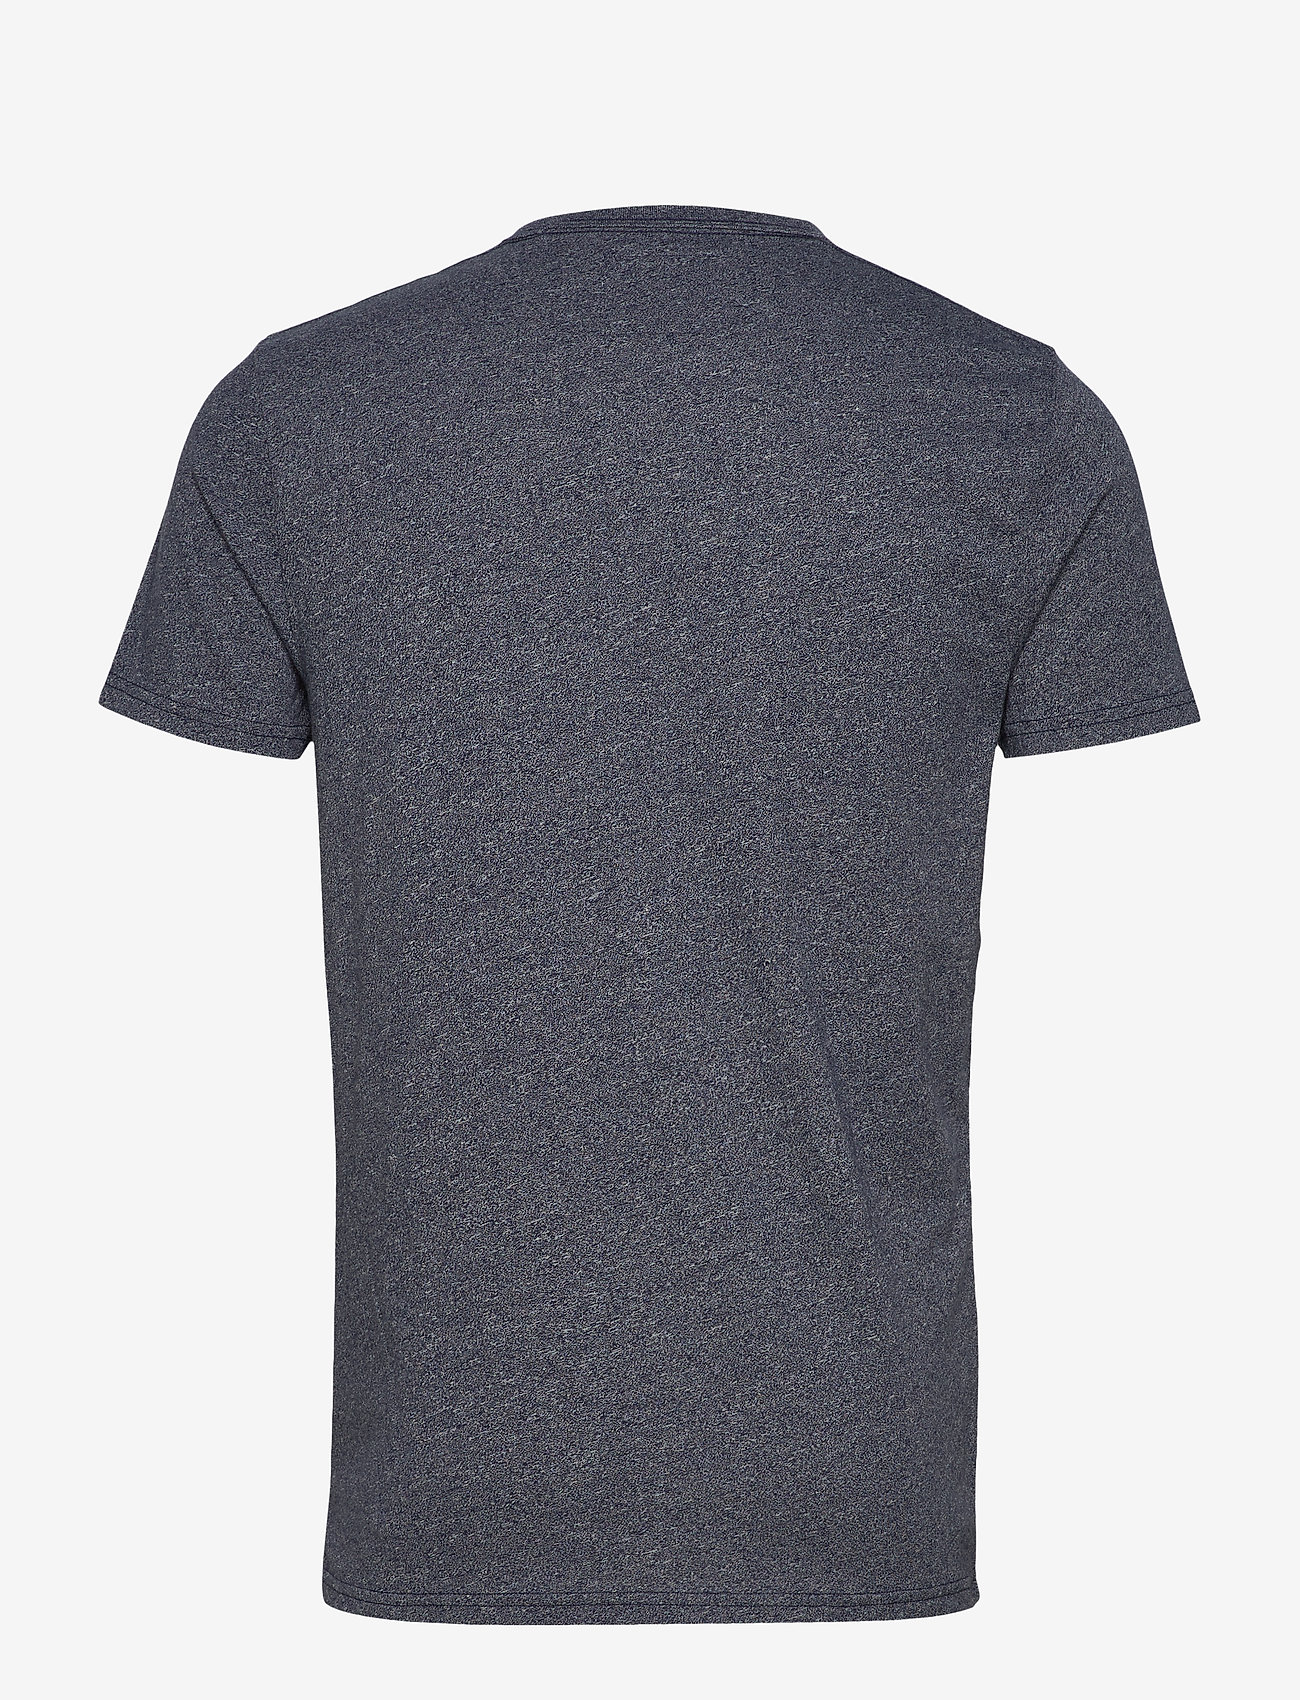 Hollister Core Tech - T-skjorter NAVY SD/TEXTURE - Menn Klær